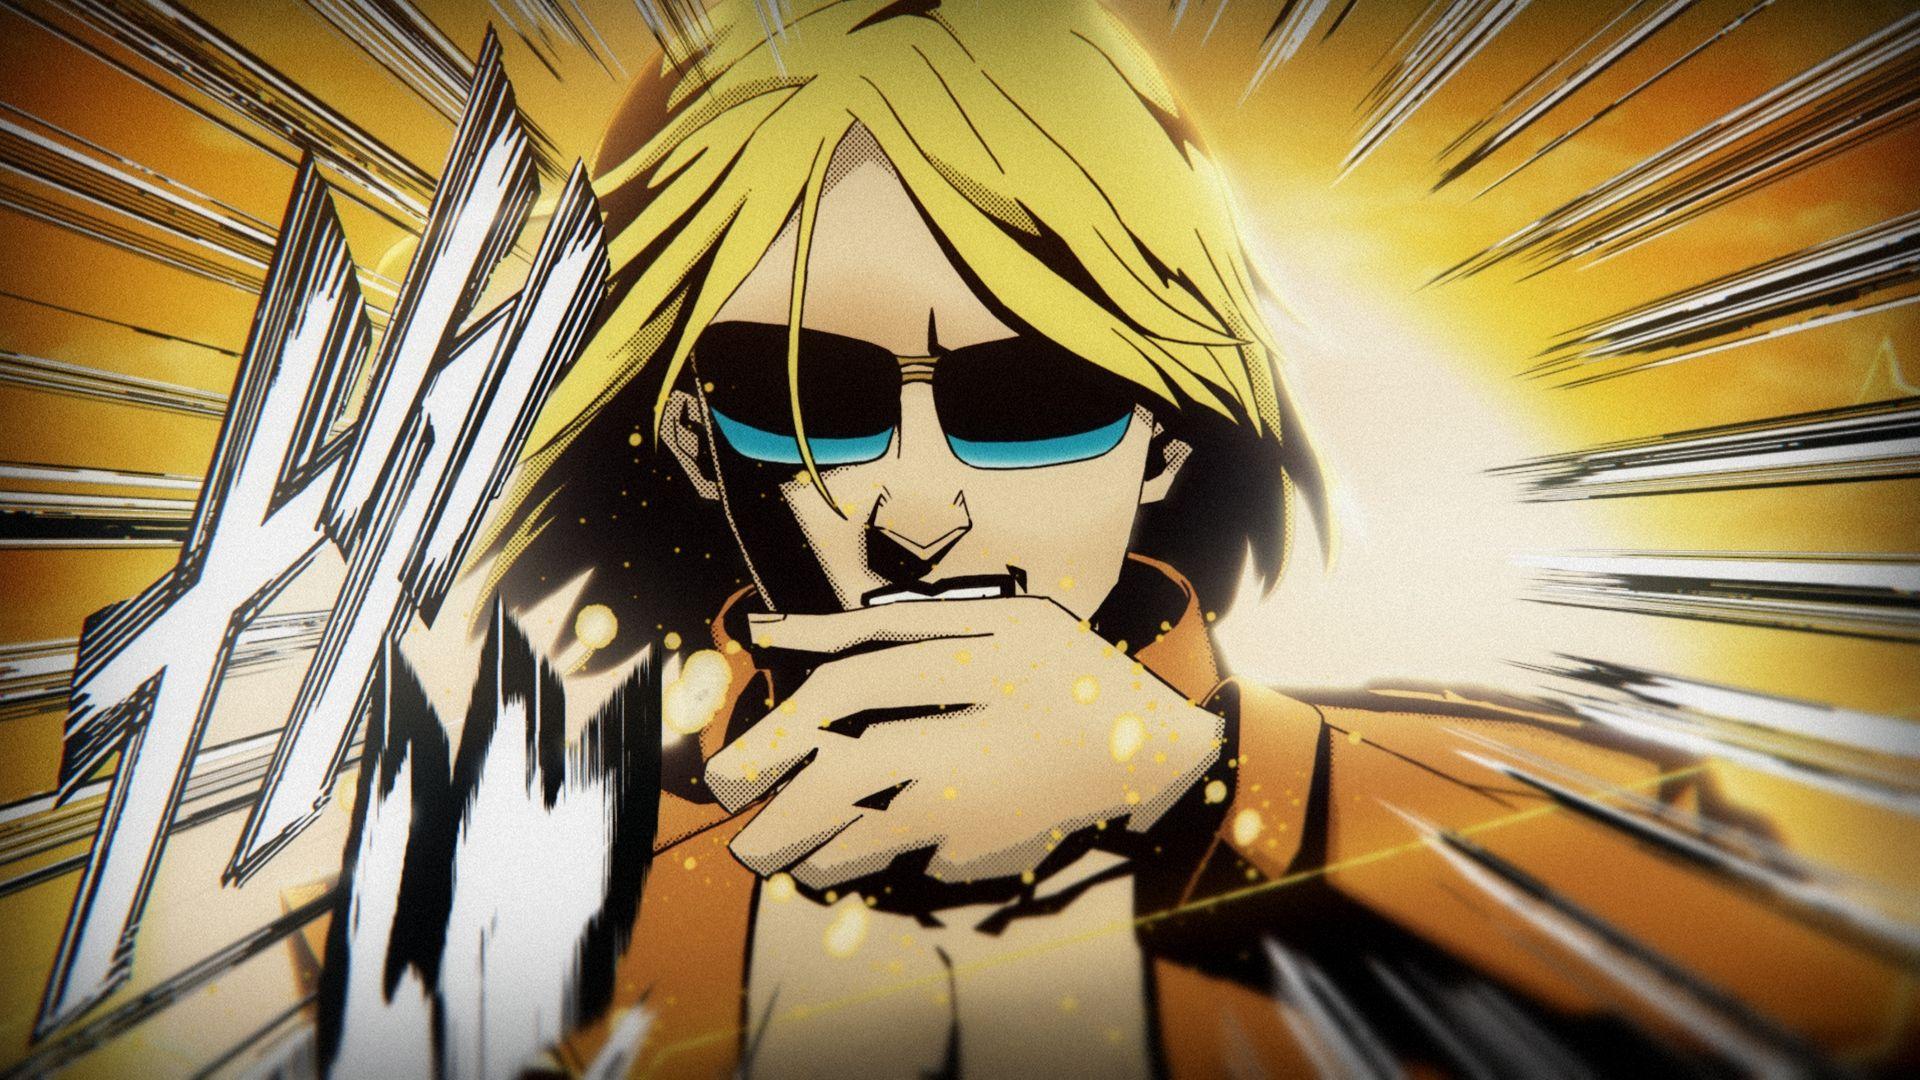 YOSHIKIの『進撃の巨人』ワンダ新CMで思い出す「バカボン出演」の不思議の画像004